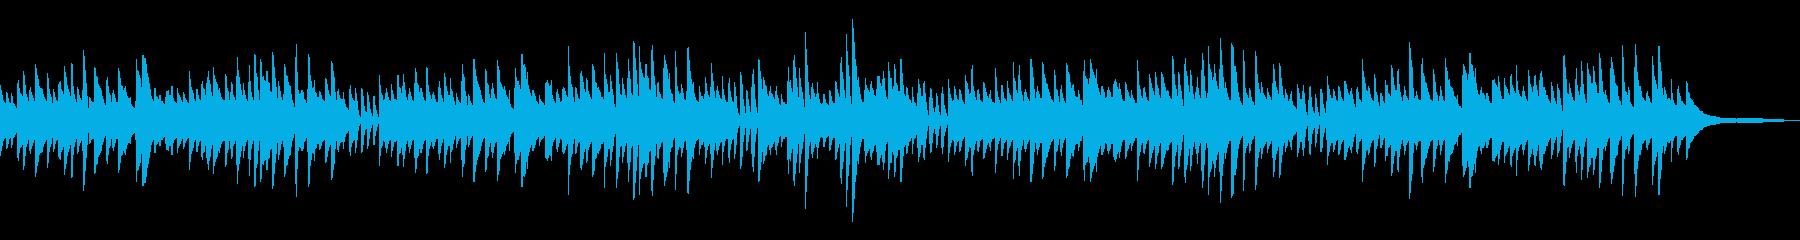 童謡「春が来た」シンプルなピアノソロの再生済みの波形